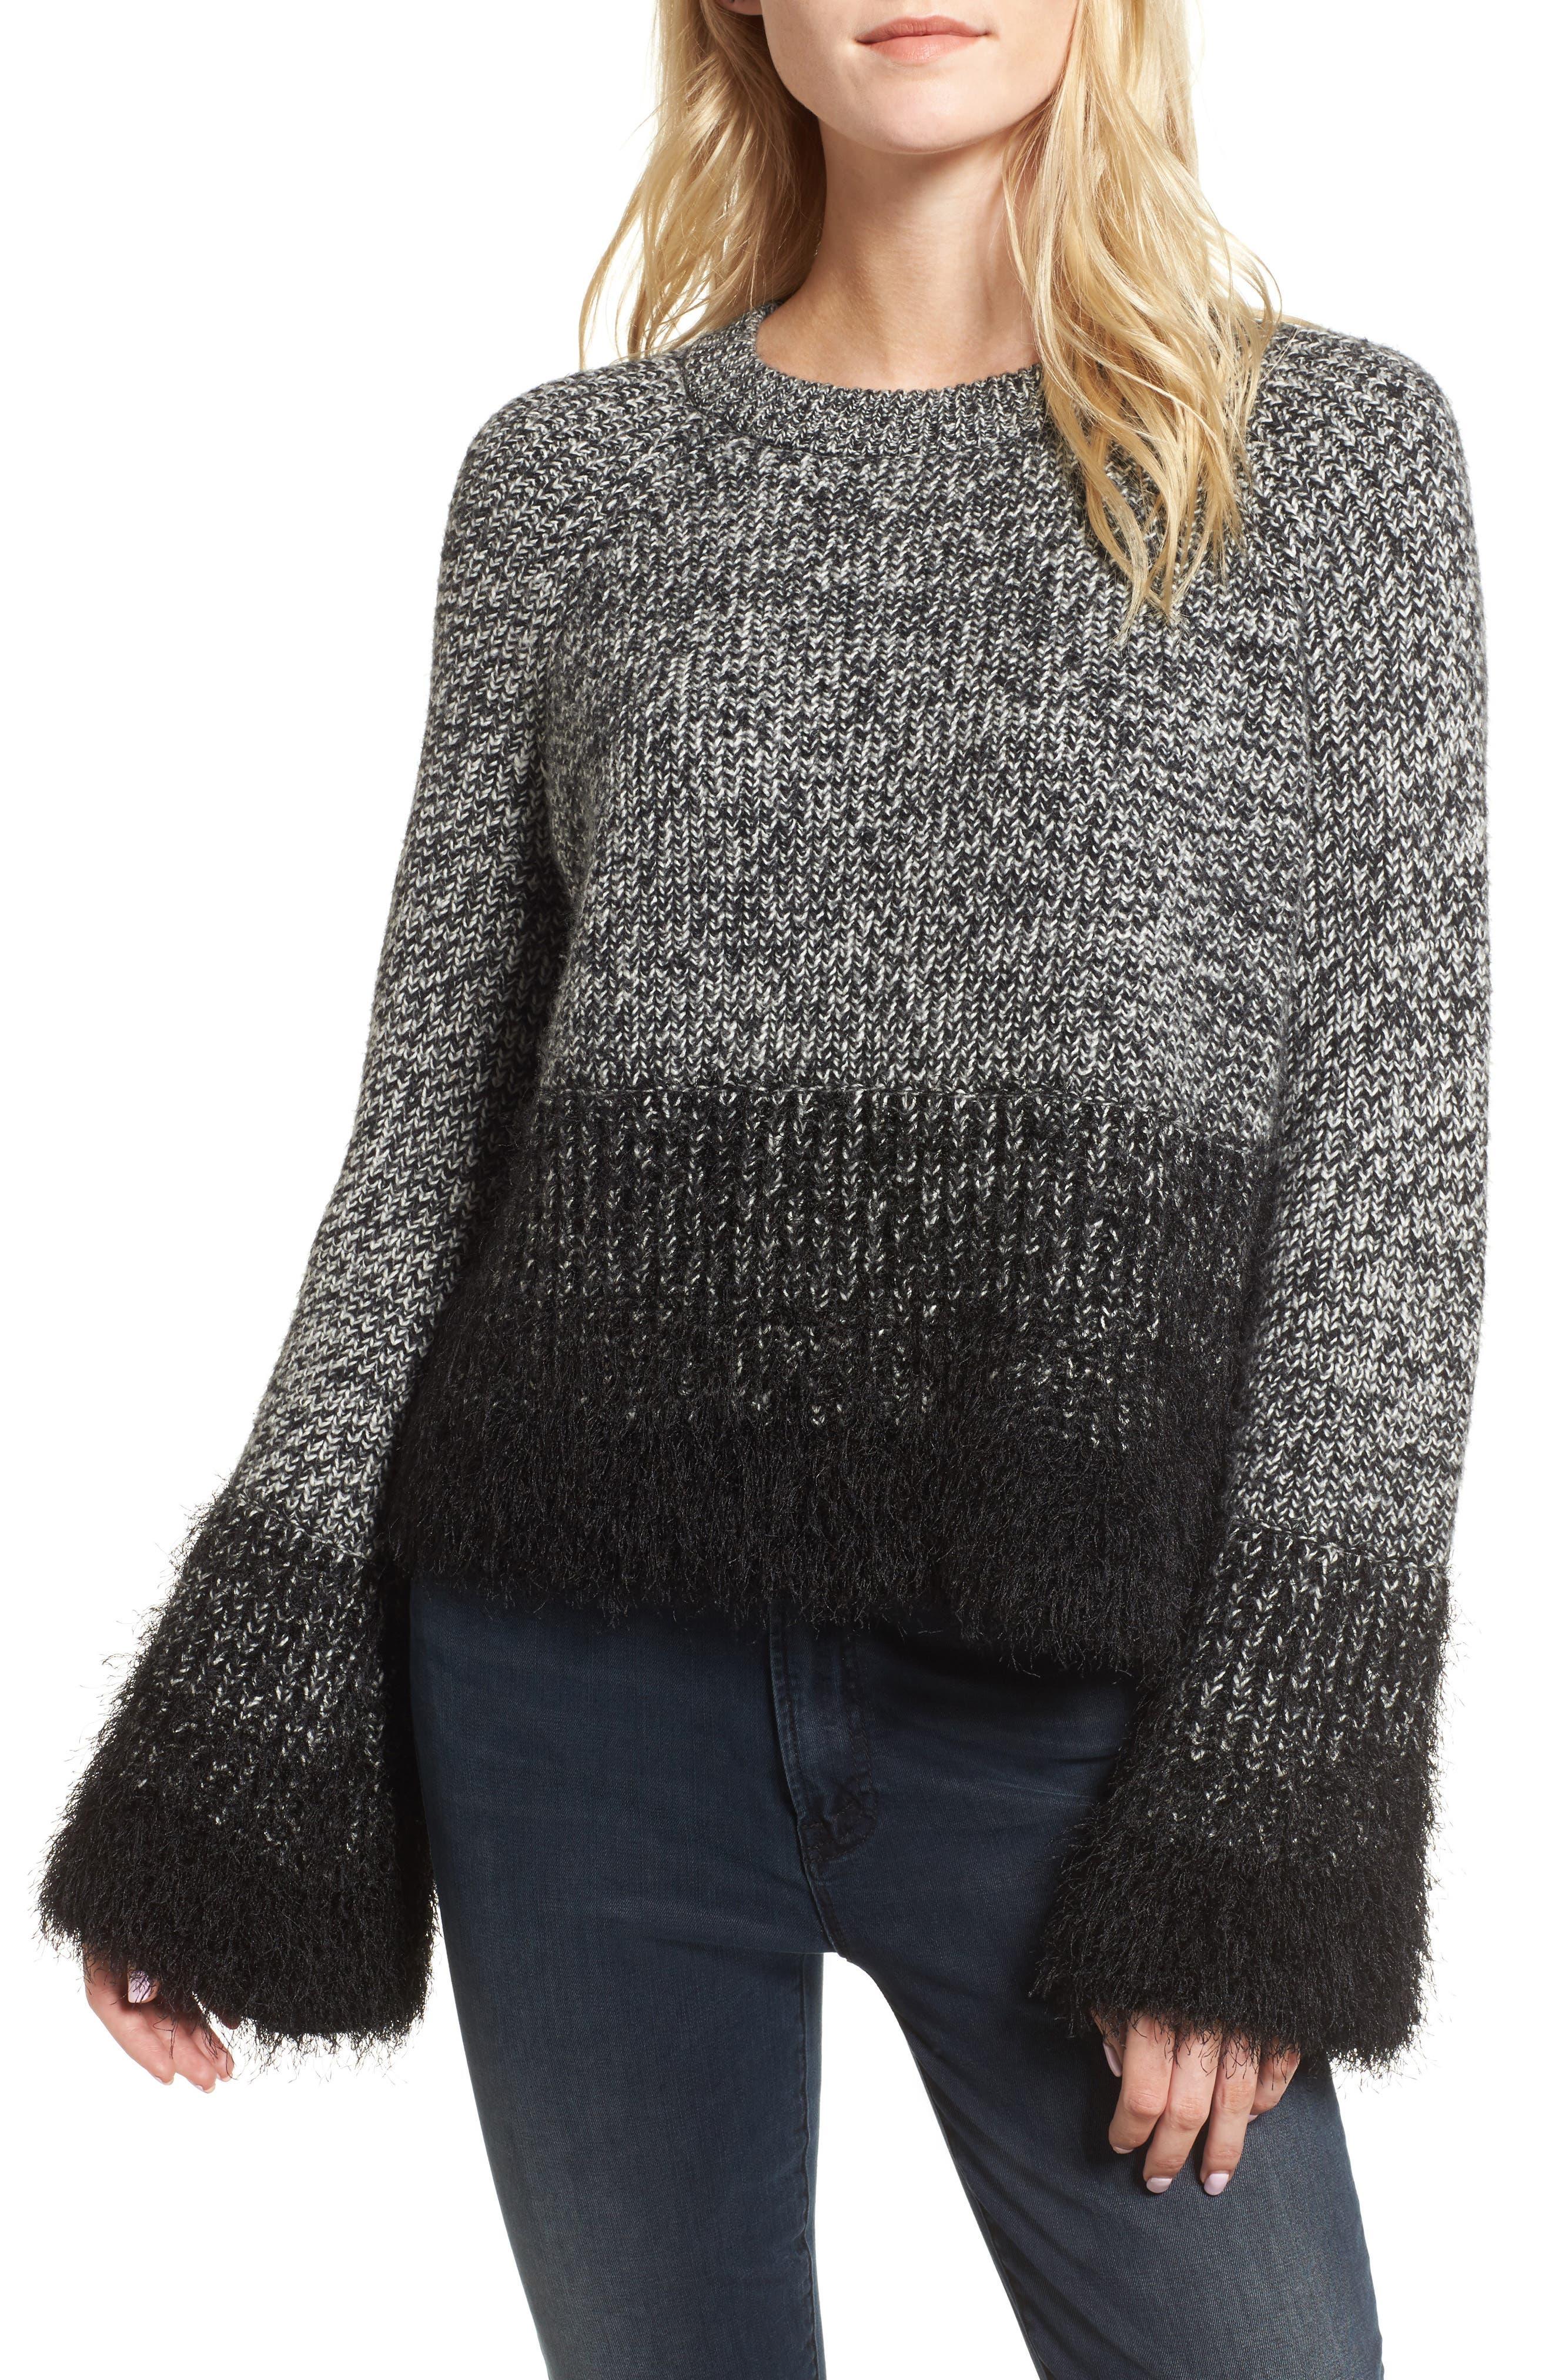 Alternate Image 1 Selected - 1.STATE Eyelash Fringe Sweater